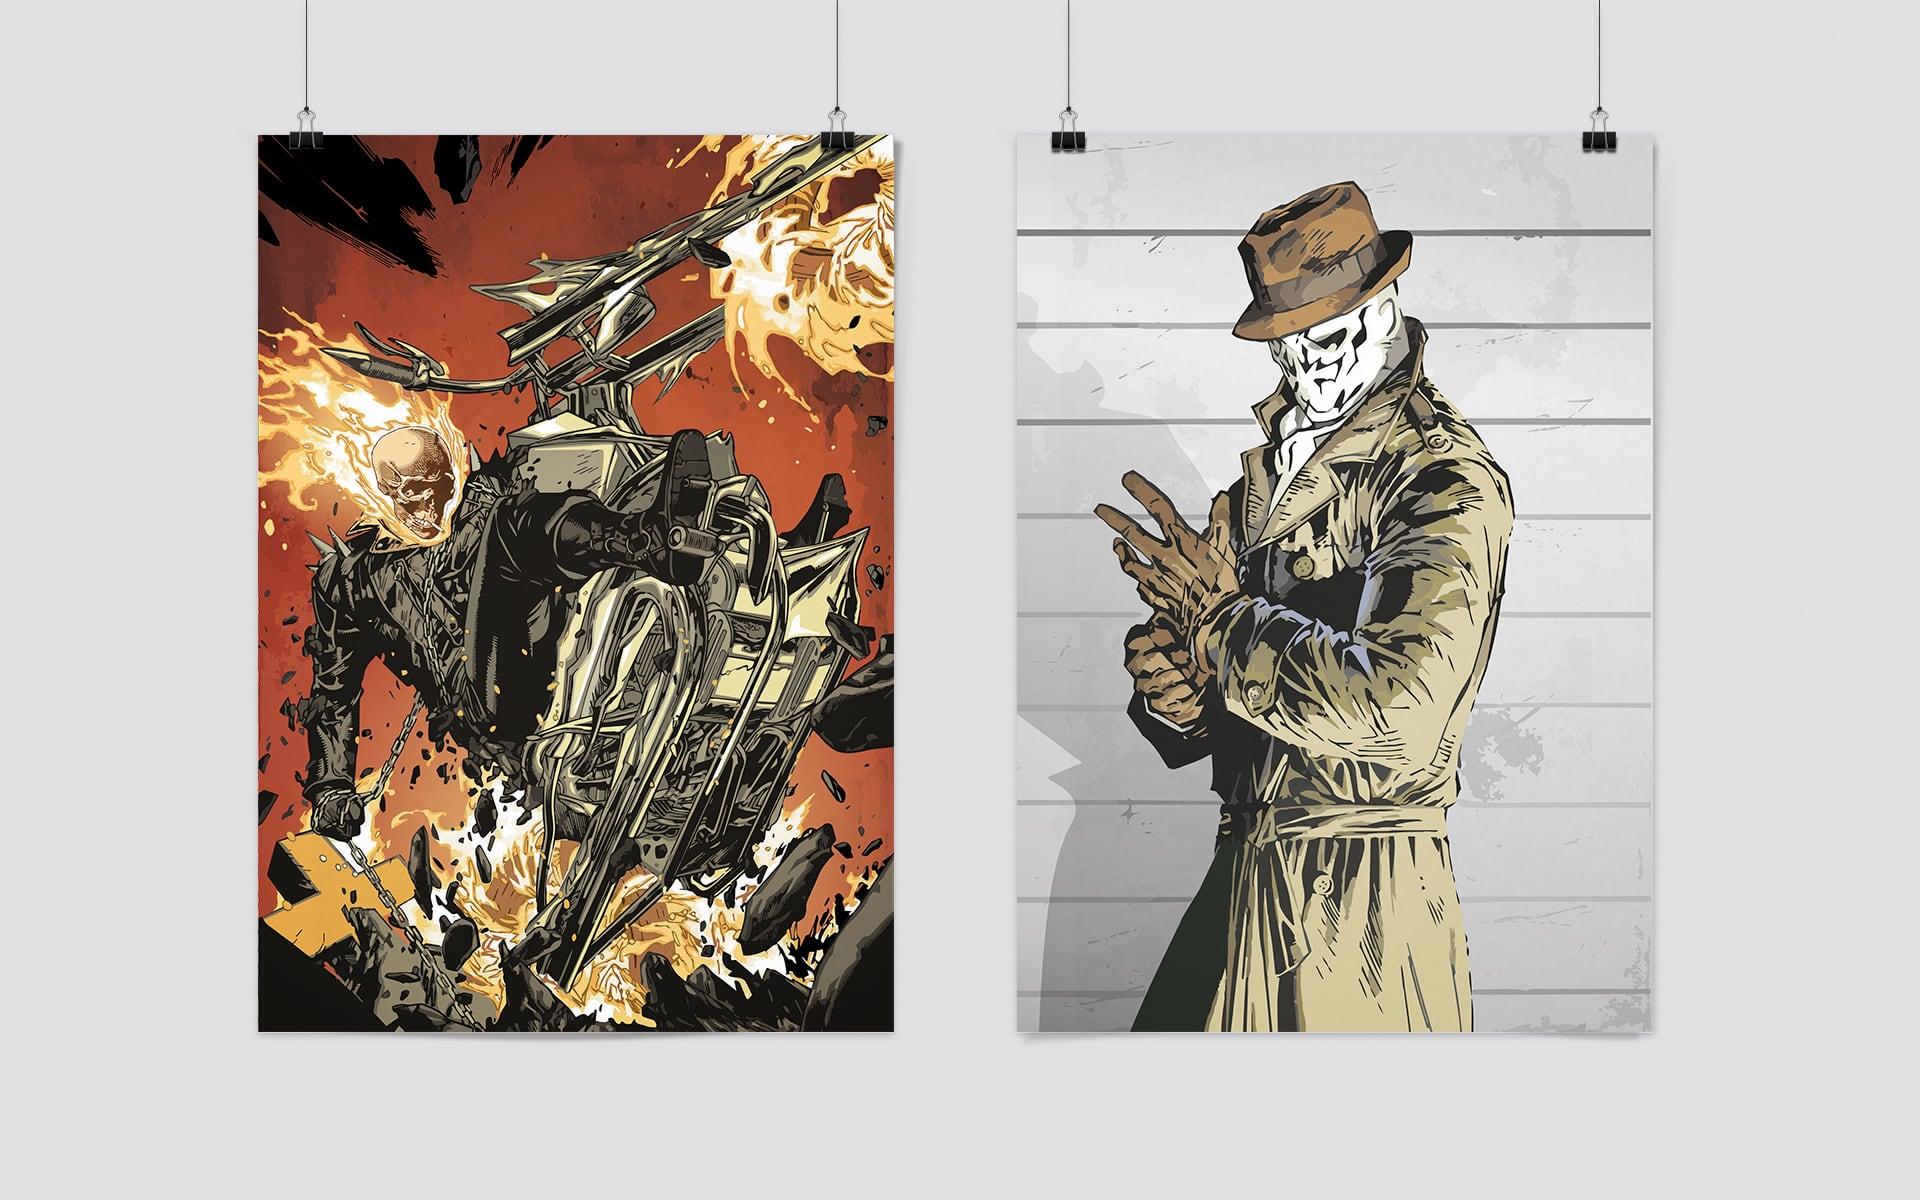 Ghostrider und Rorschach Illustration